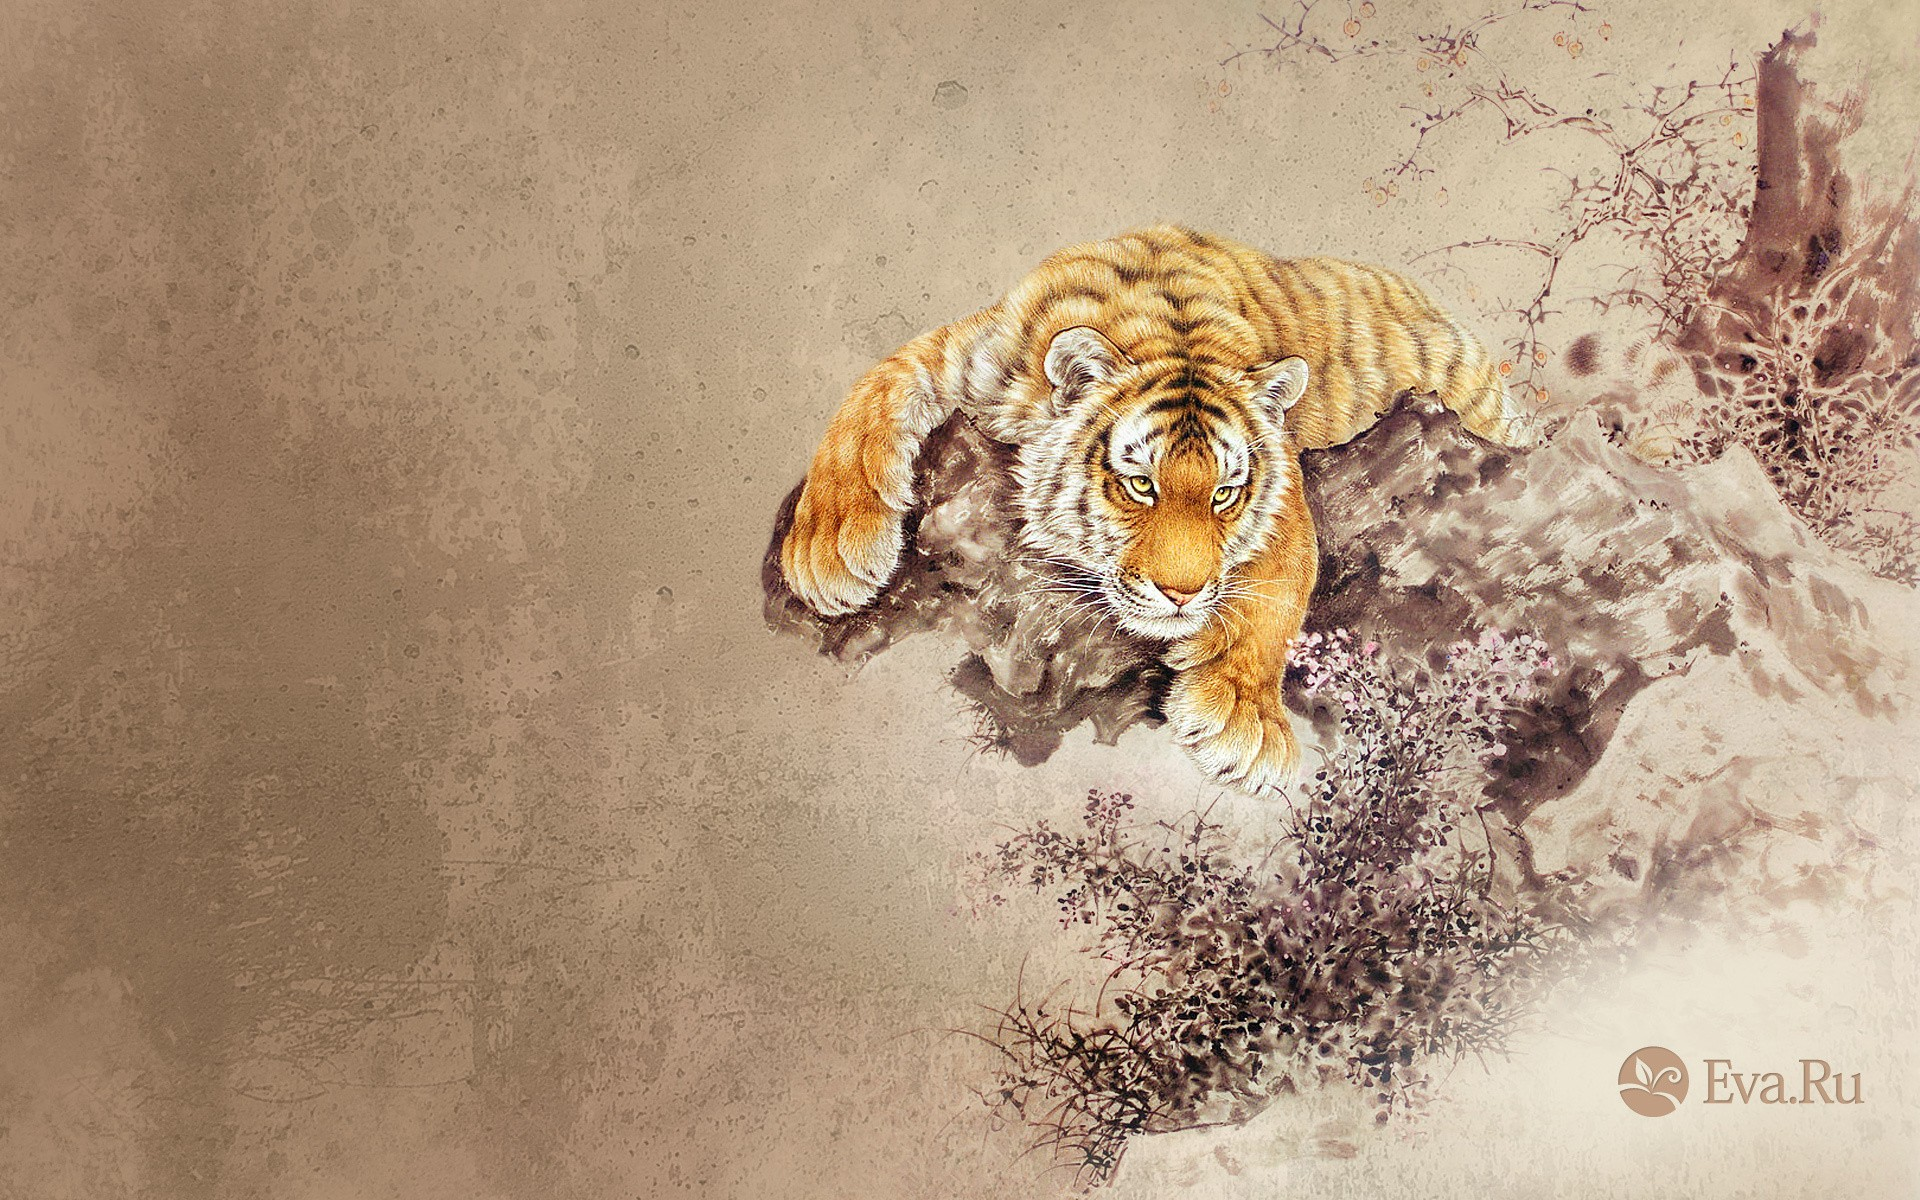 Dibujo de un tigre - 1920x1200